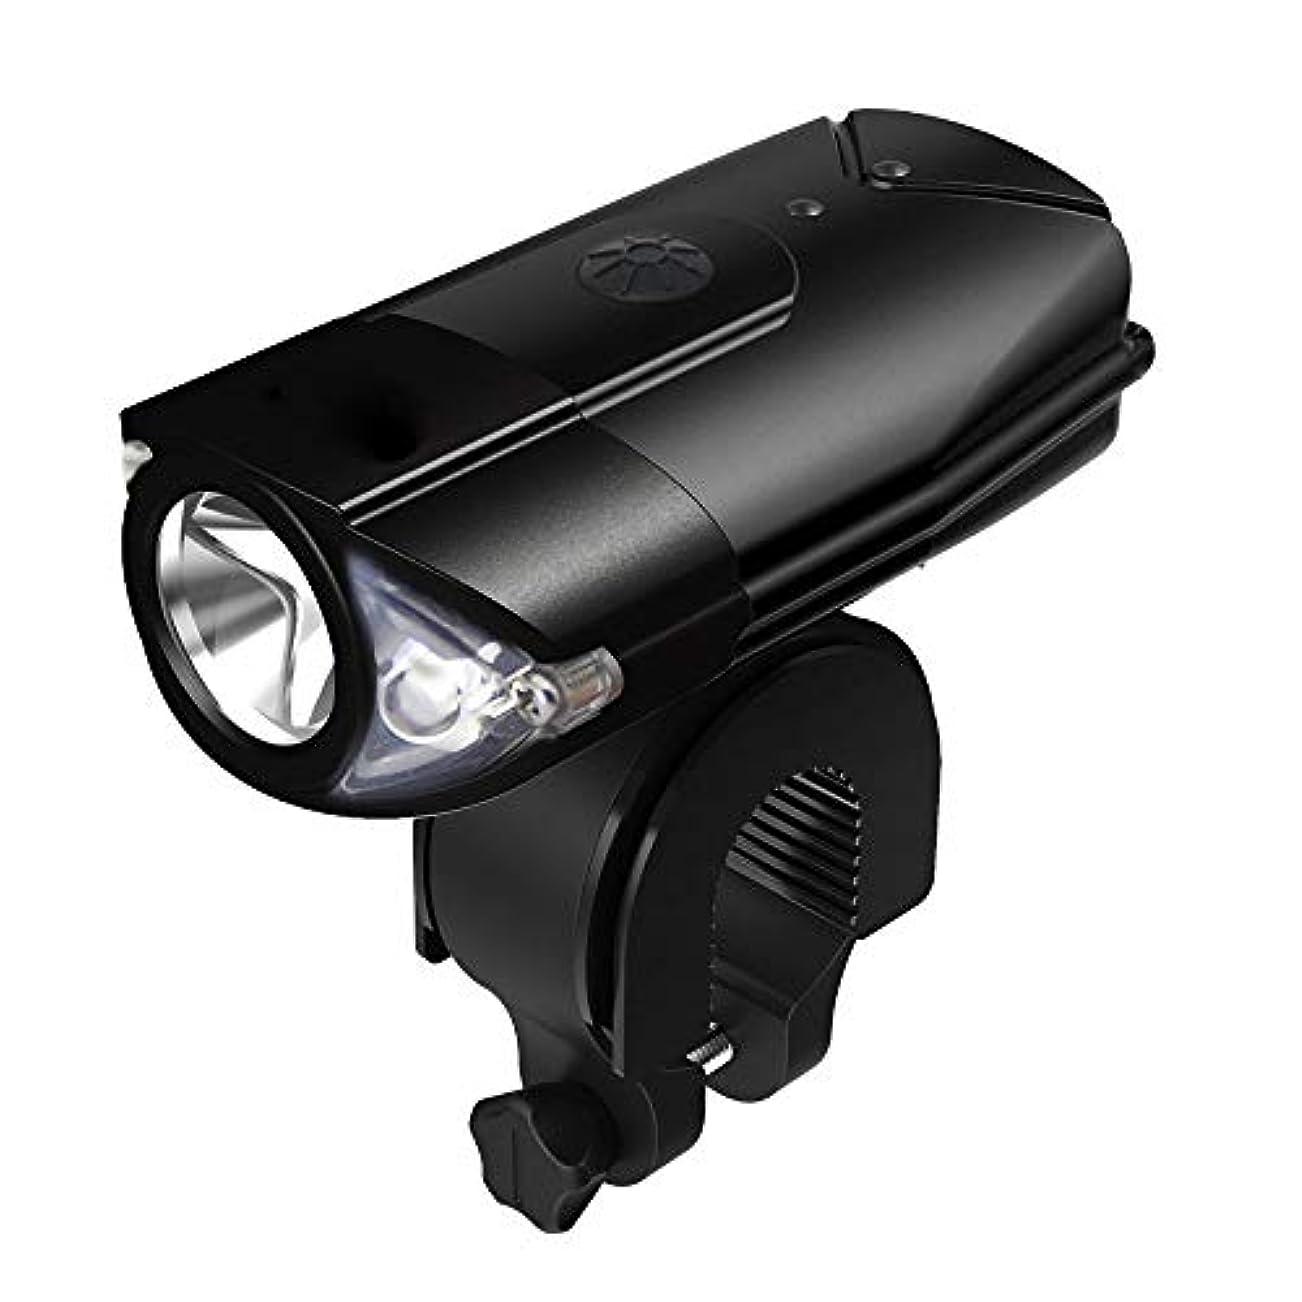 連結するカプセル知覚できるOkiiting 自転車用ライト自転車用ヘッドライトUSB充電式自転車用ライトグレア自転車用ライト防水自転車用ライトUSB自転車用ライトセット充電式LEDヘッドライトの組み合わせ高装飾のウィック長寿命 うまく設計された (Color : Black)